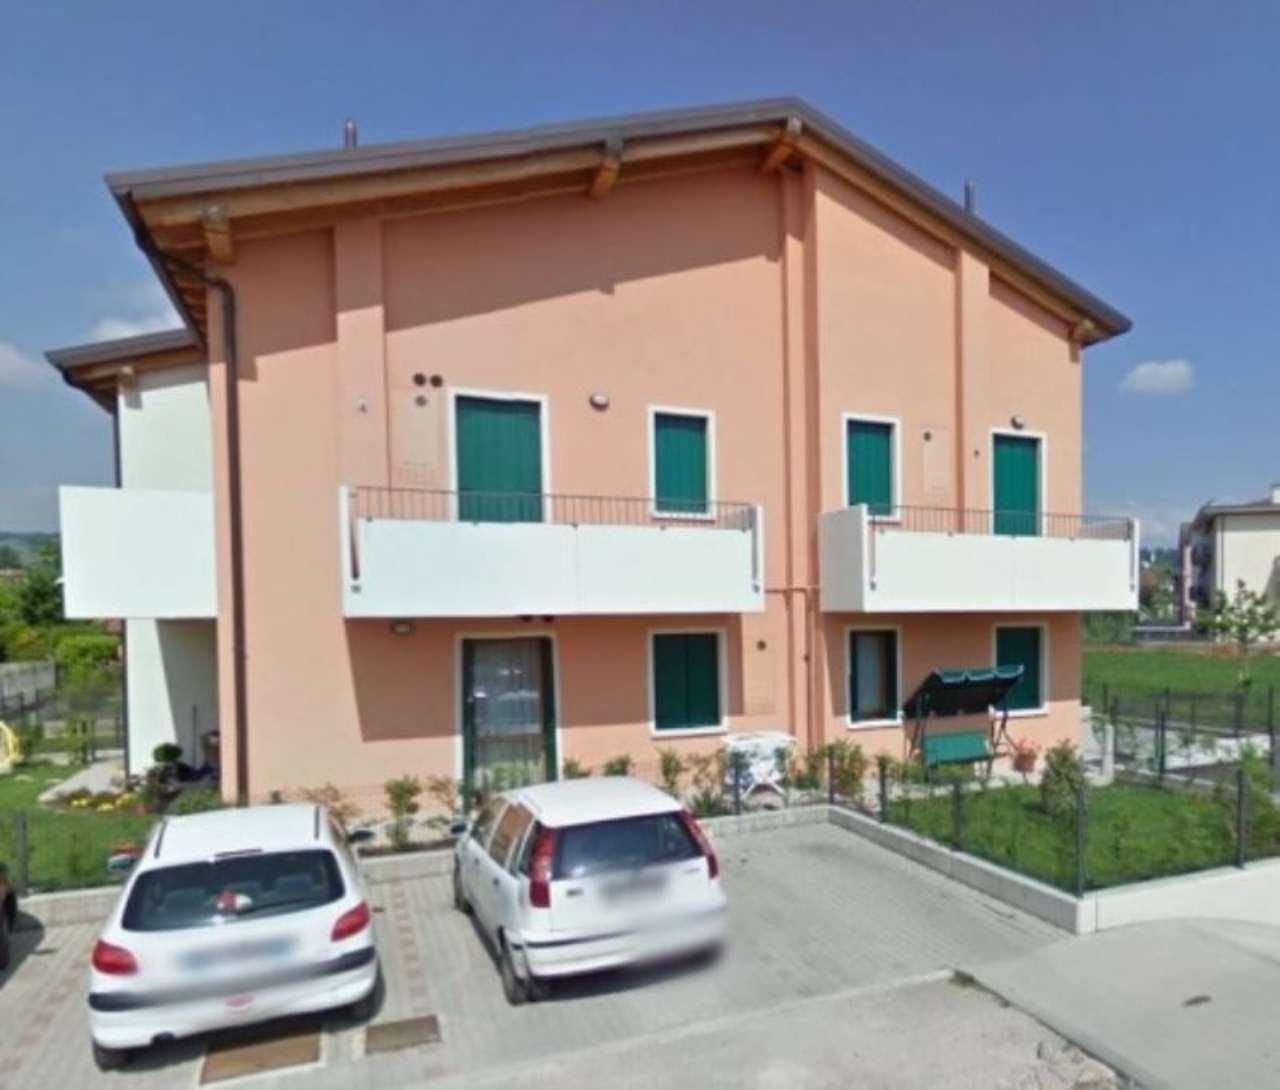 Appartamento in vendita a Giavera del Montello, 2 locali, prezzo € 62.000 | Cambio Casa.it